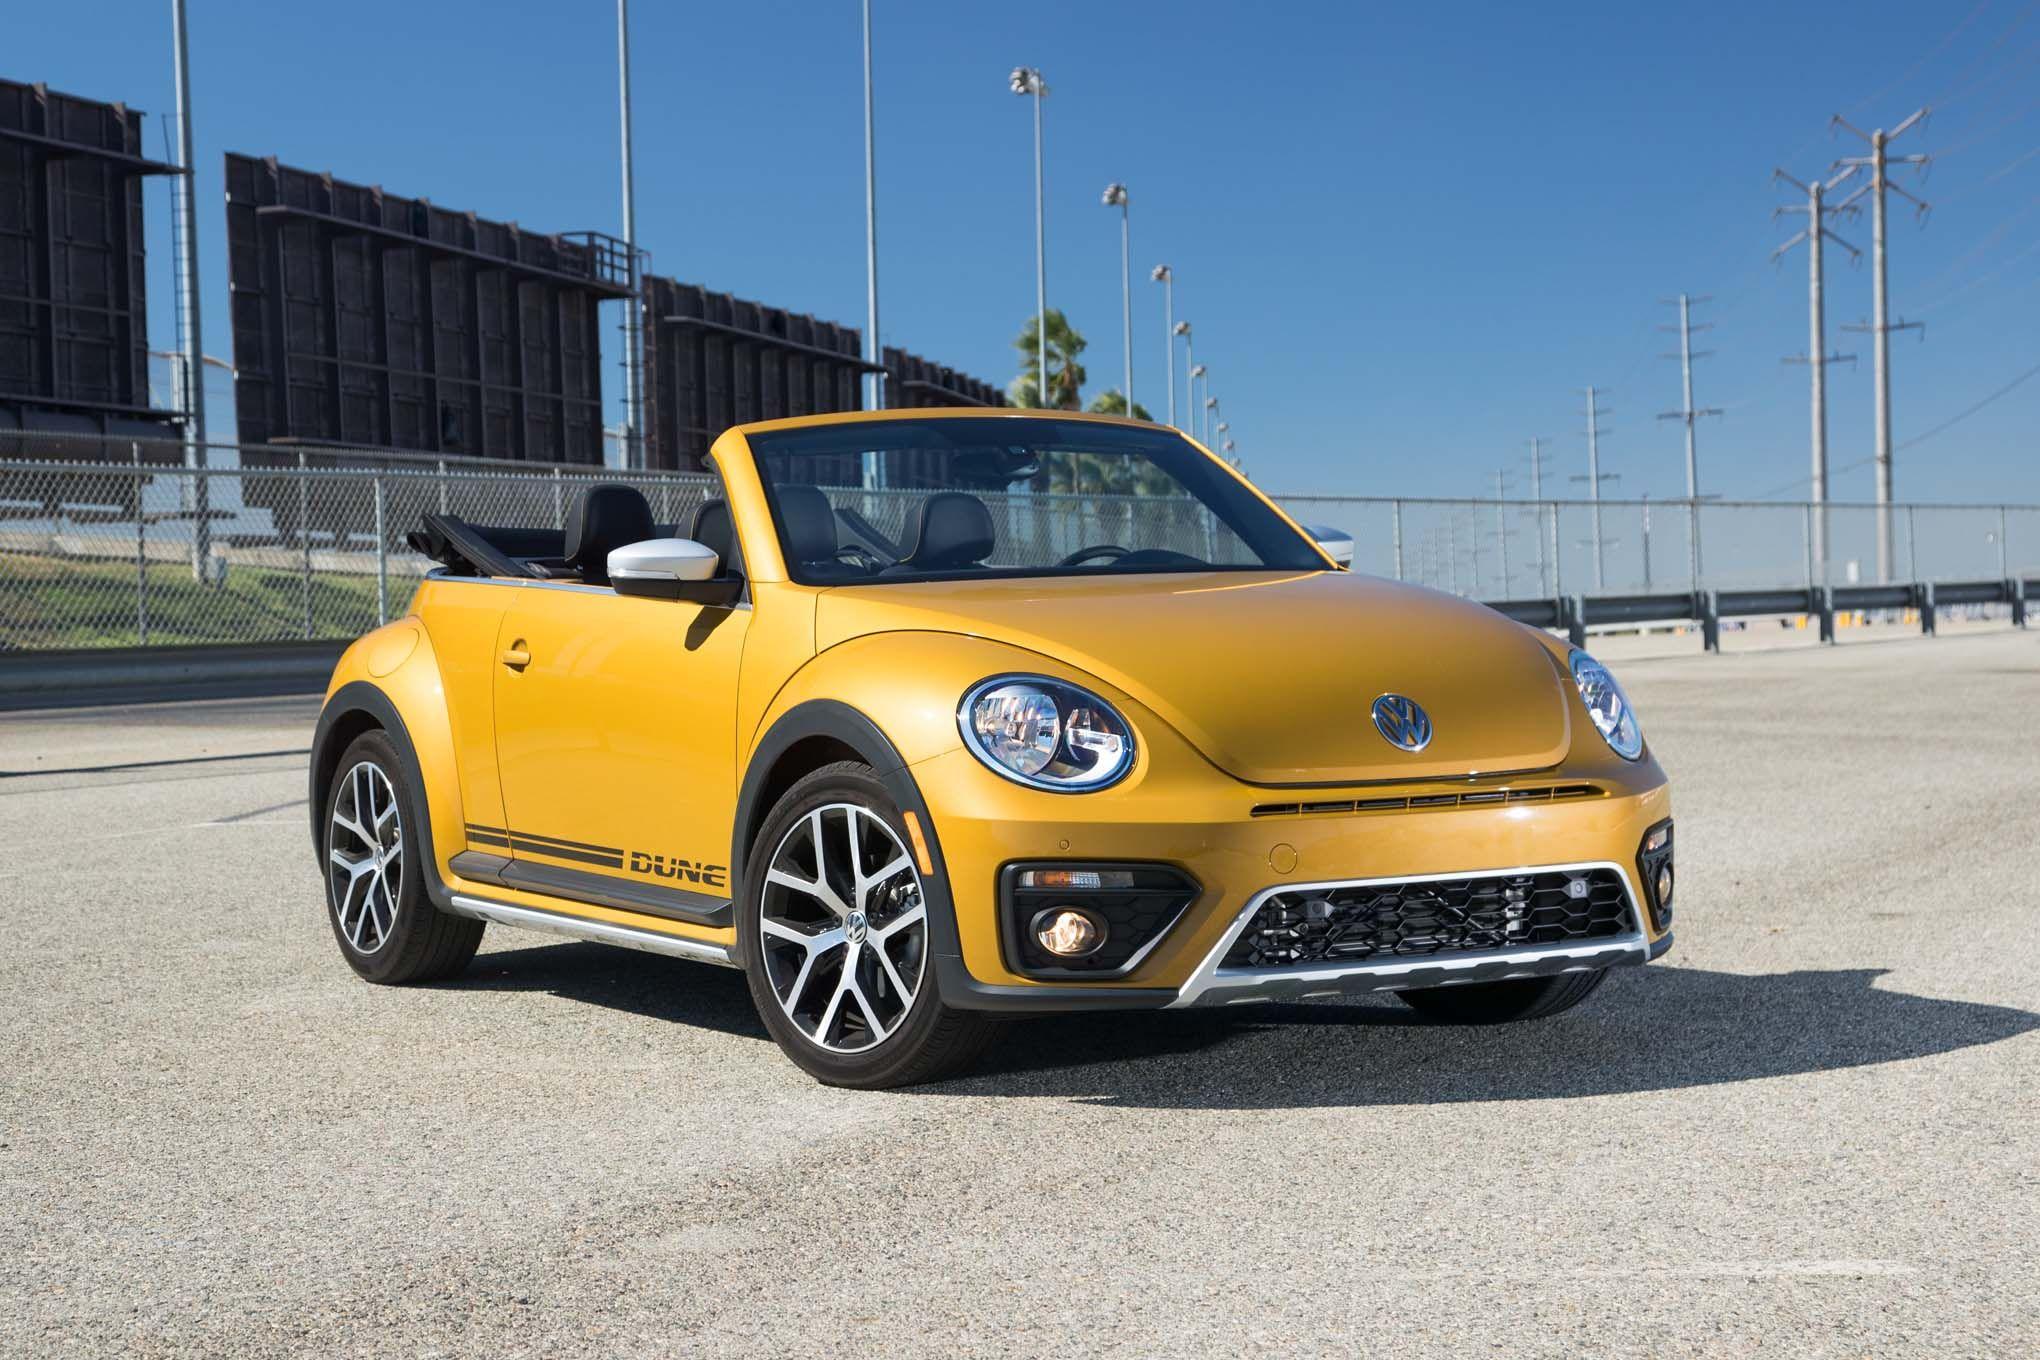 Volkswagen Beetle VW Pinterest